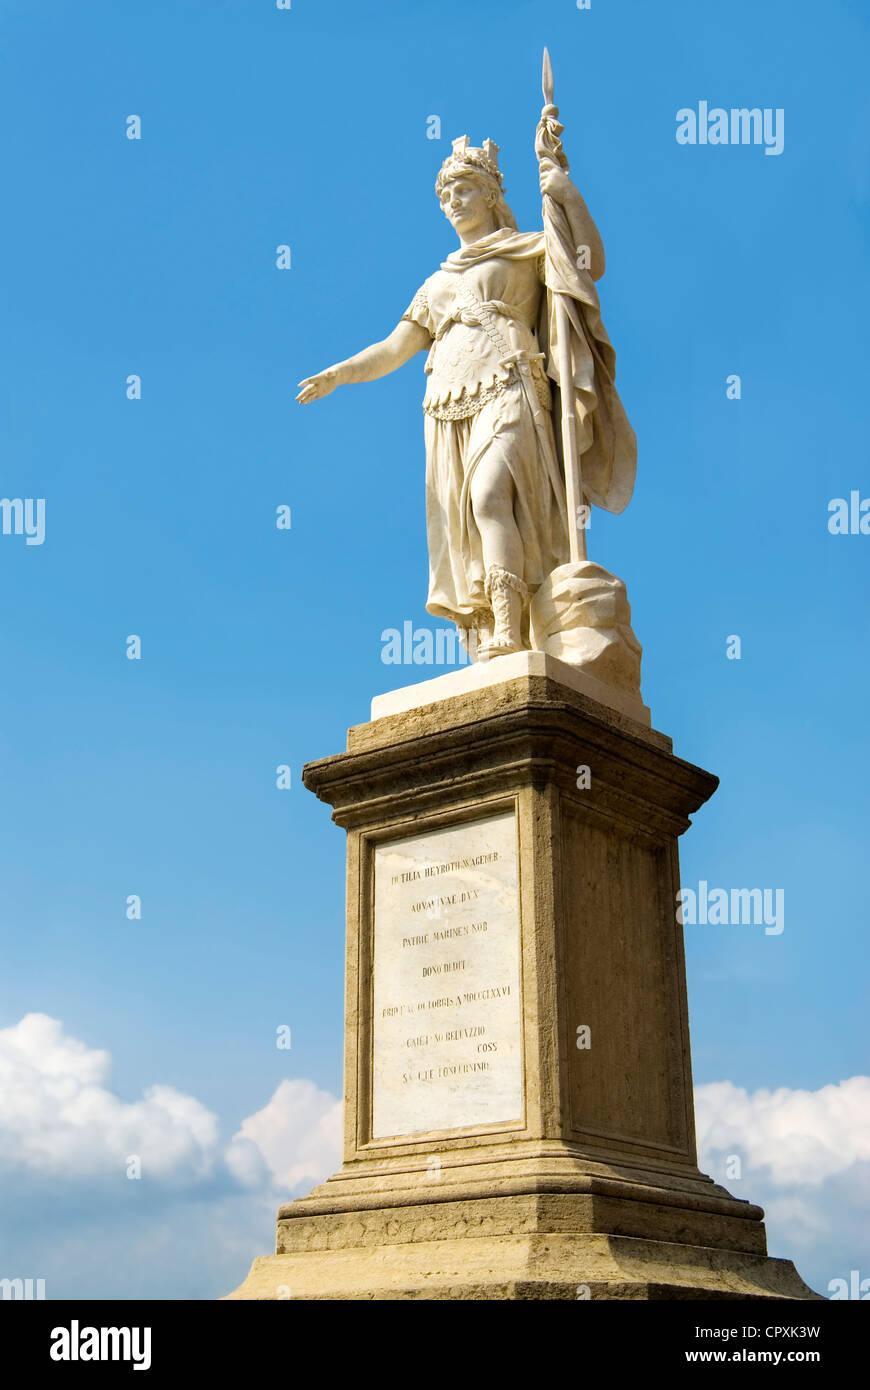 Statua della Libertà at historical town center of San Marino - Stock Image